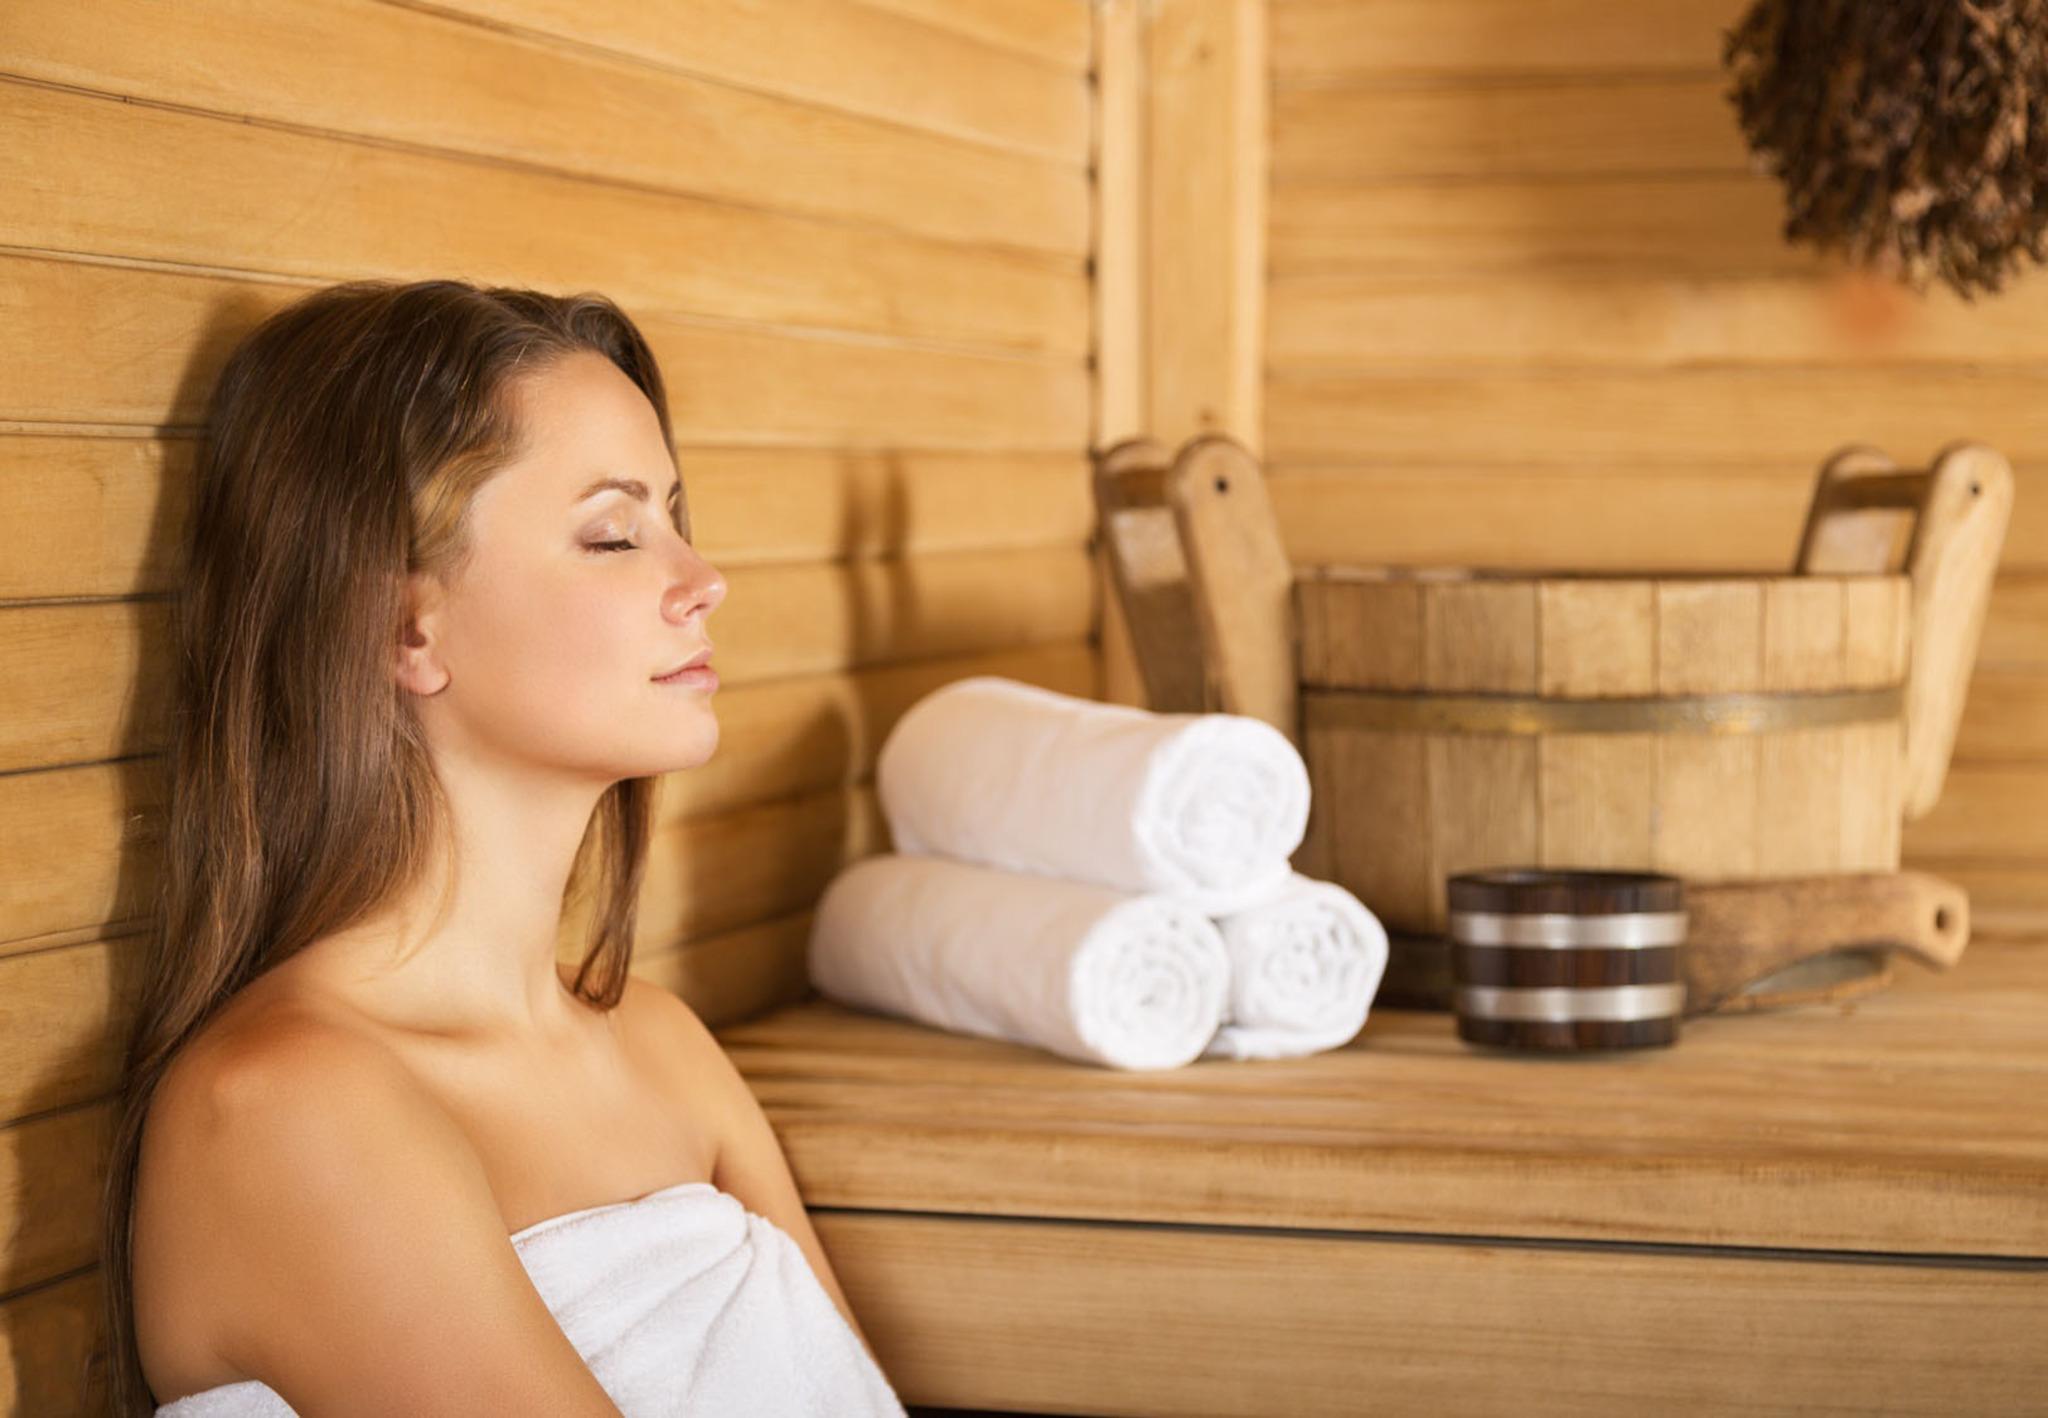 Saunabesuch stärkt die Abwehrkräfte